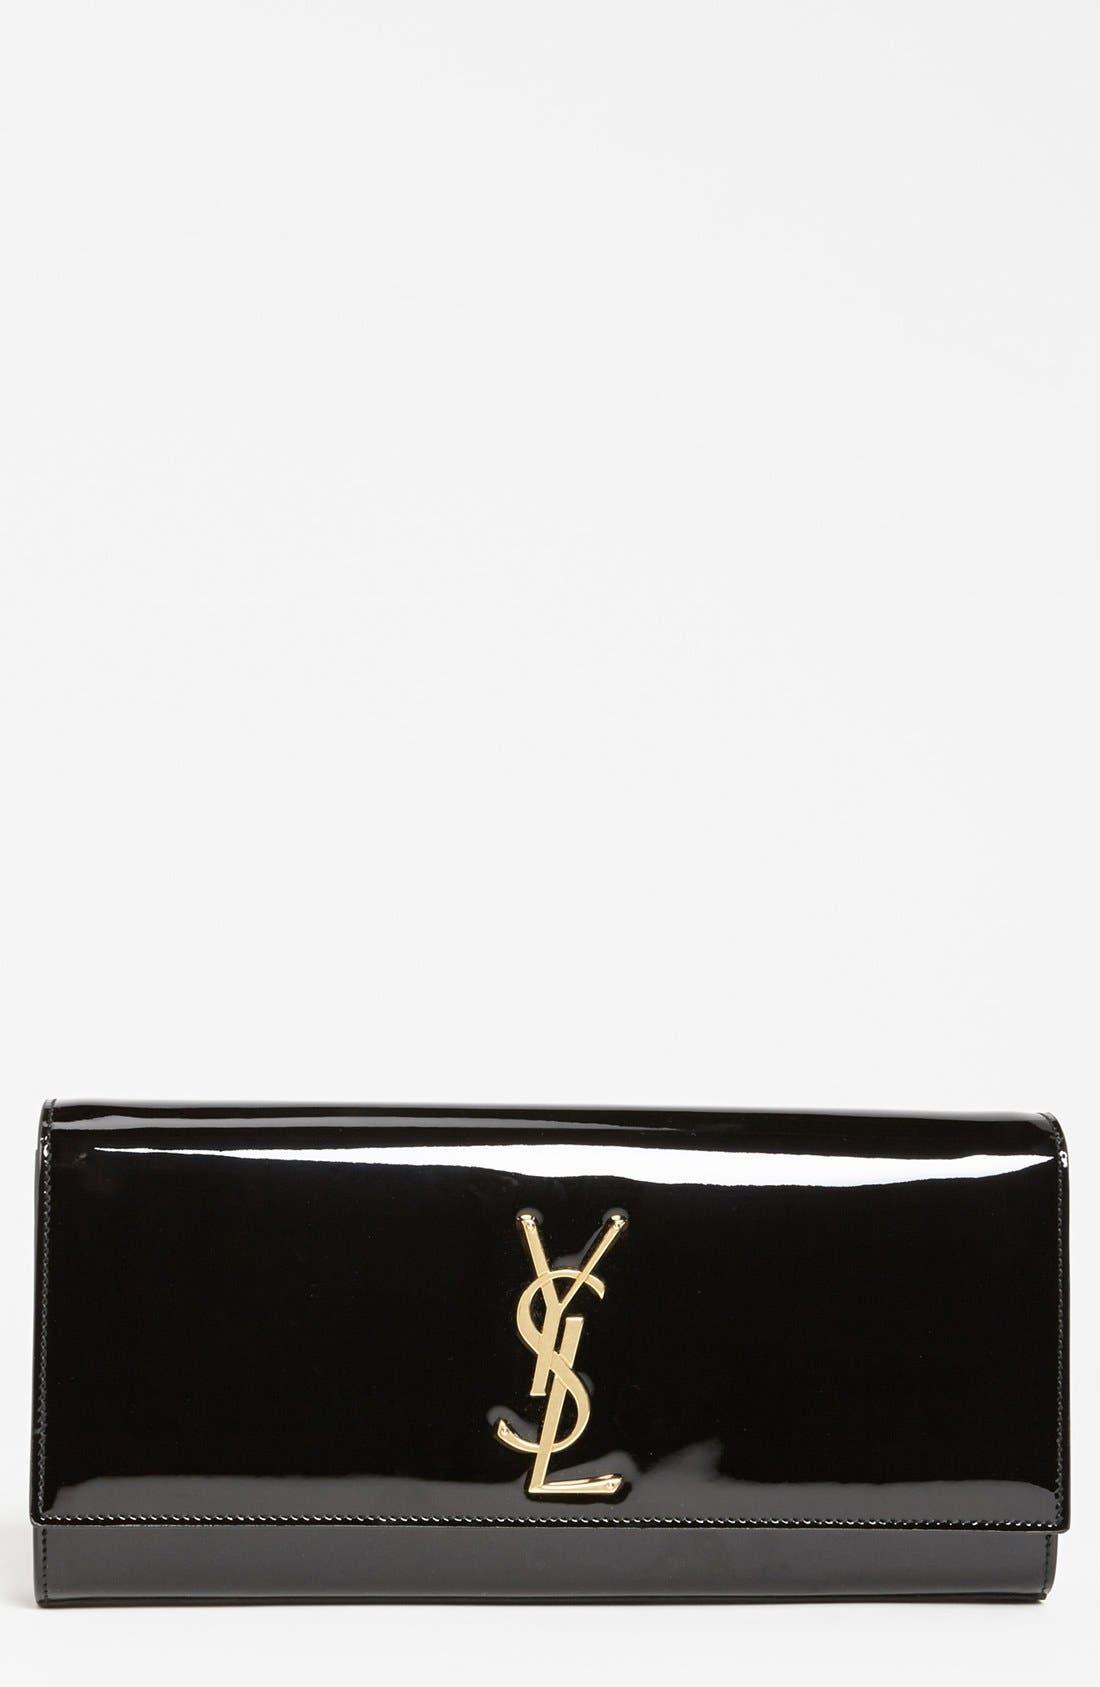 Main Image - Saint Laurent 'Cassandre - Laque' Leather Clutch